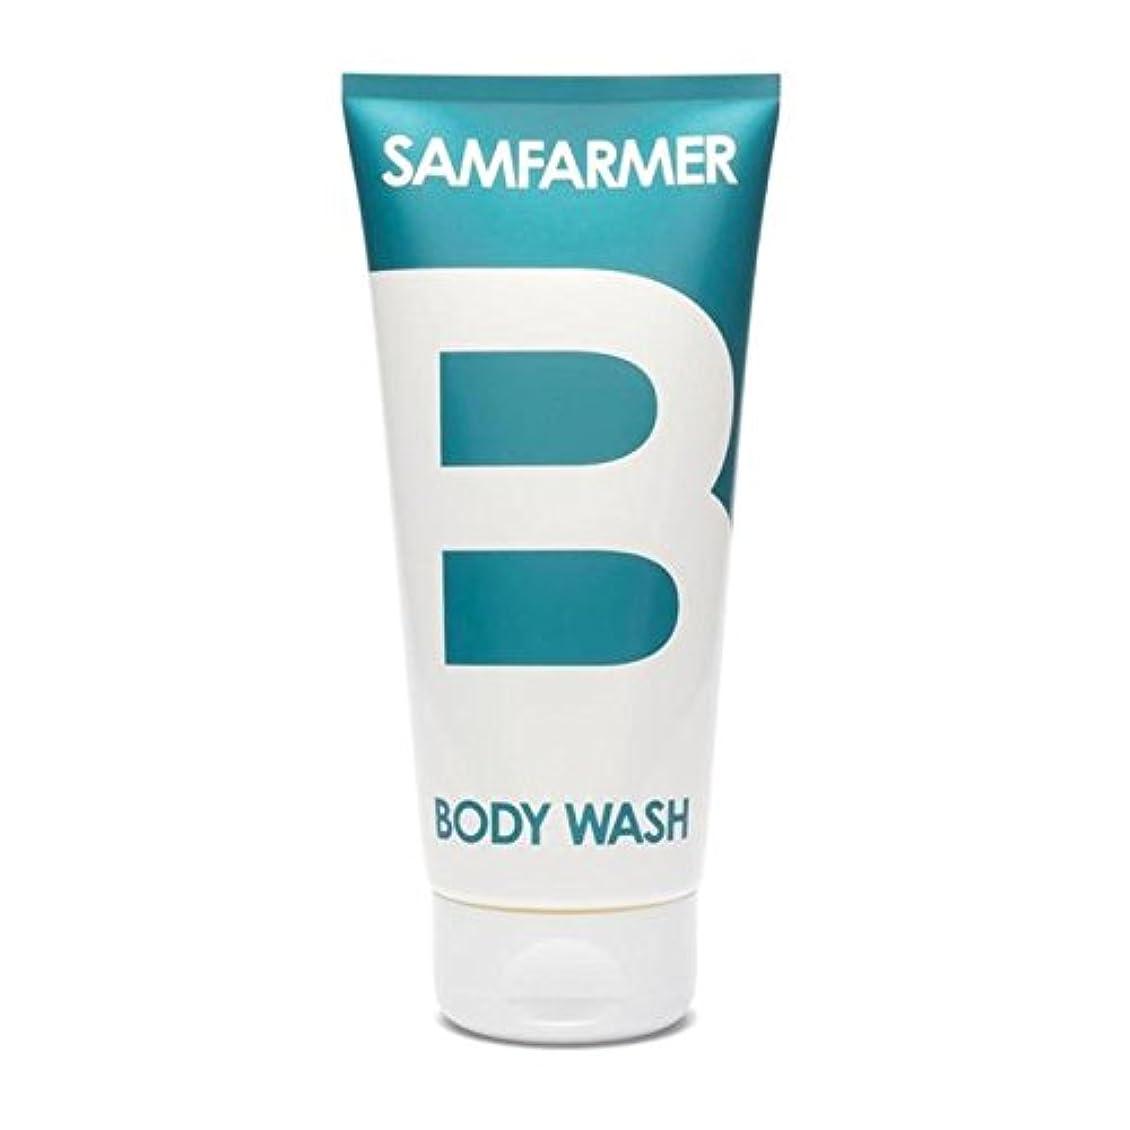 見通し前部ピラミッドSAMFARMER Unisex Body Wash 200ml (Pack of 6) - ユニセックスボディウォッシュ200ミリリットル x6 [並行輸入品]